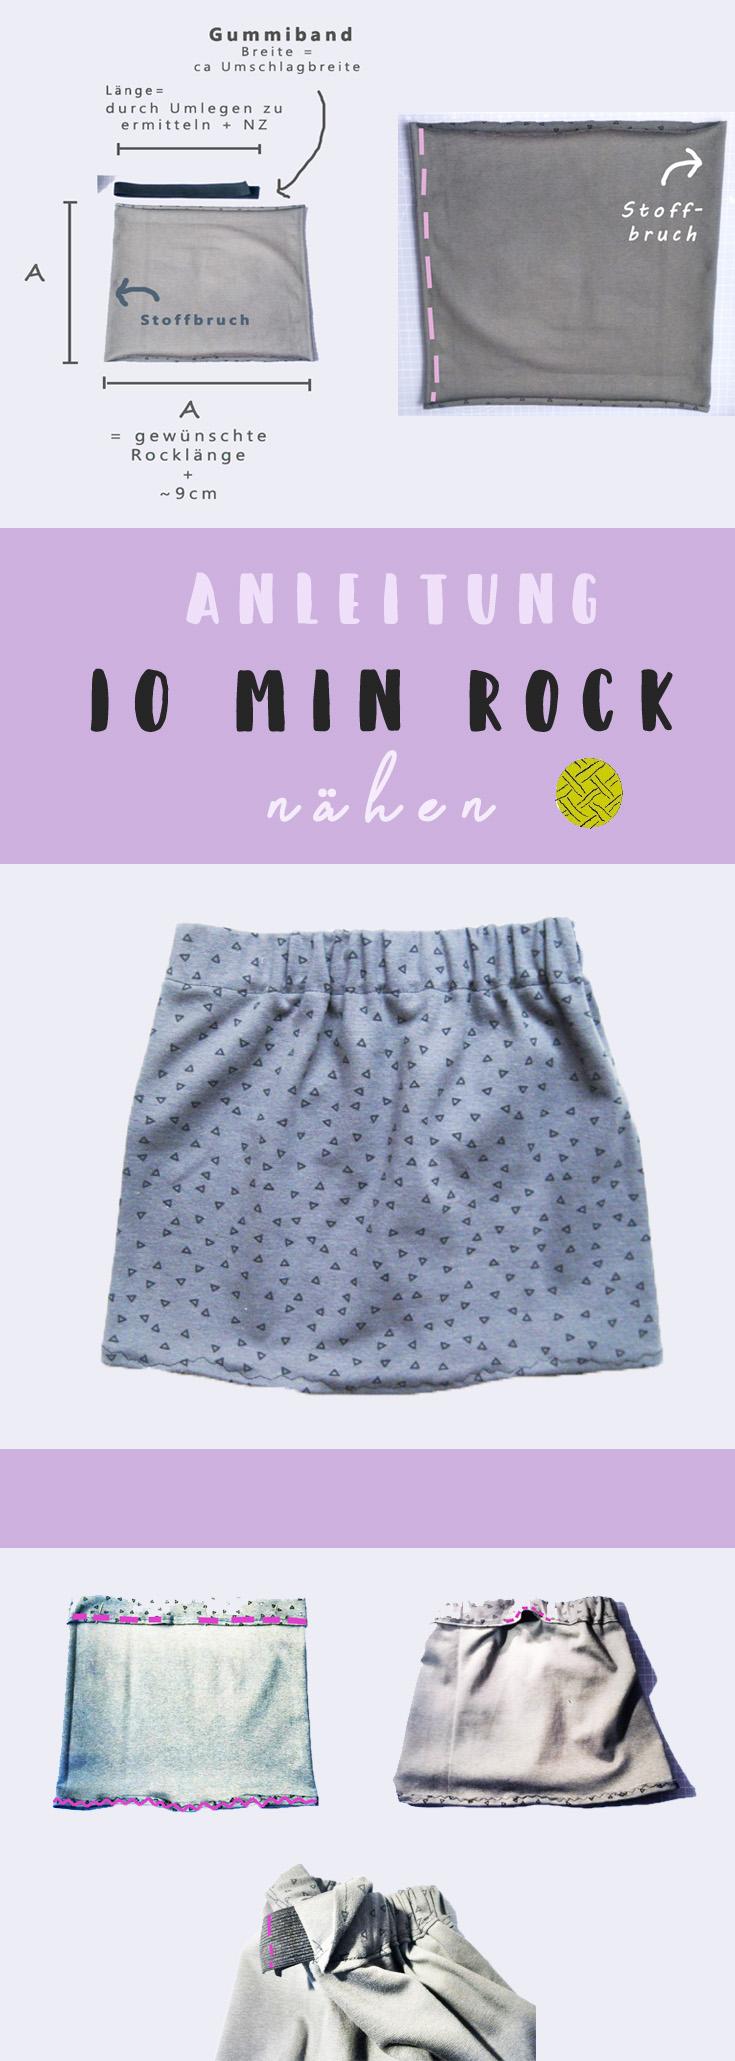 10 Minuten Rock aus einem Quadrat nähen - Super einfache Anleitung ...